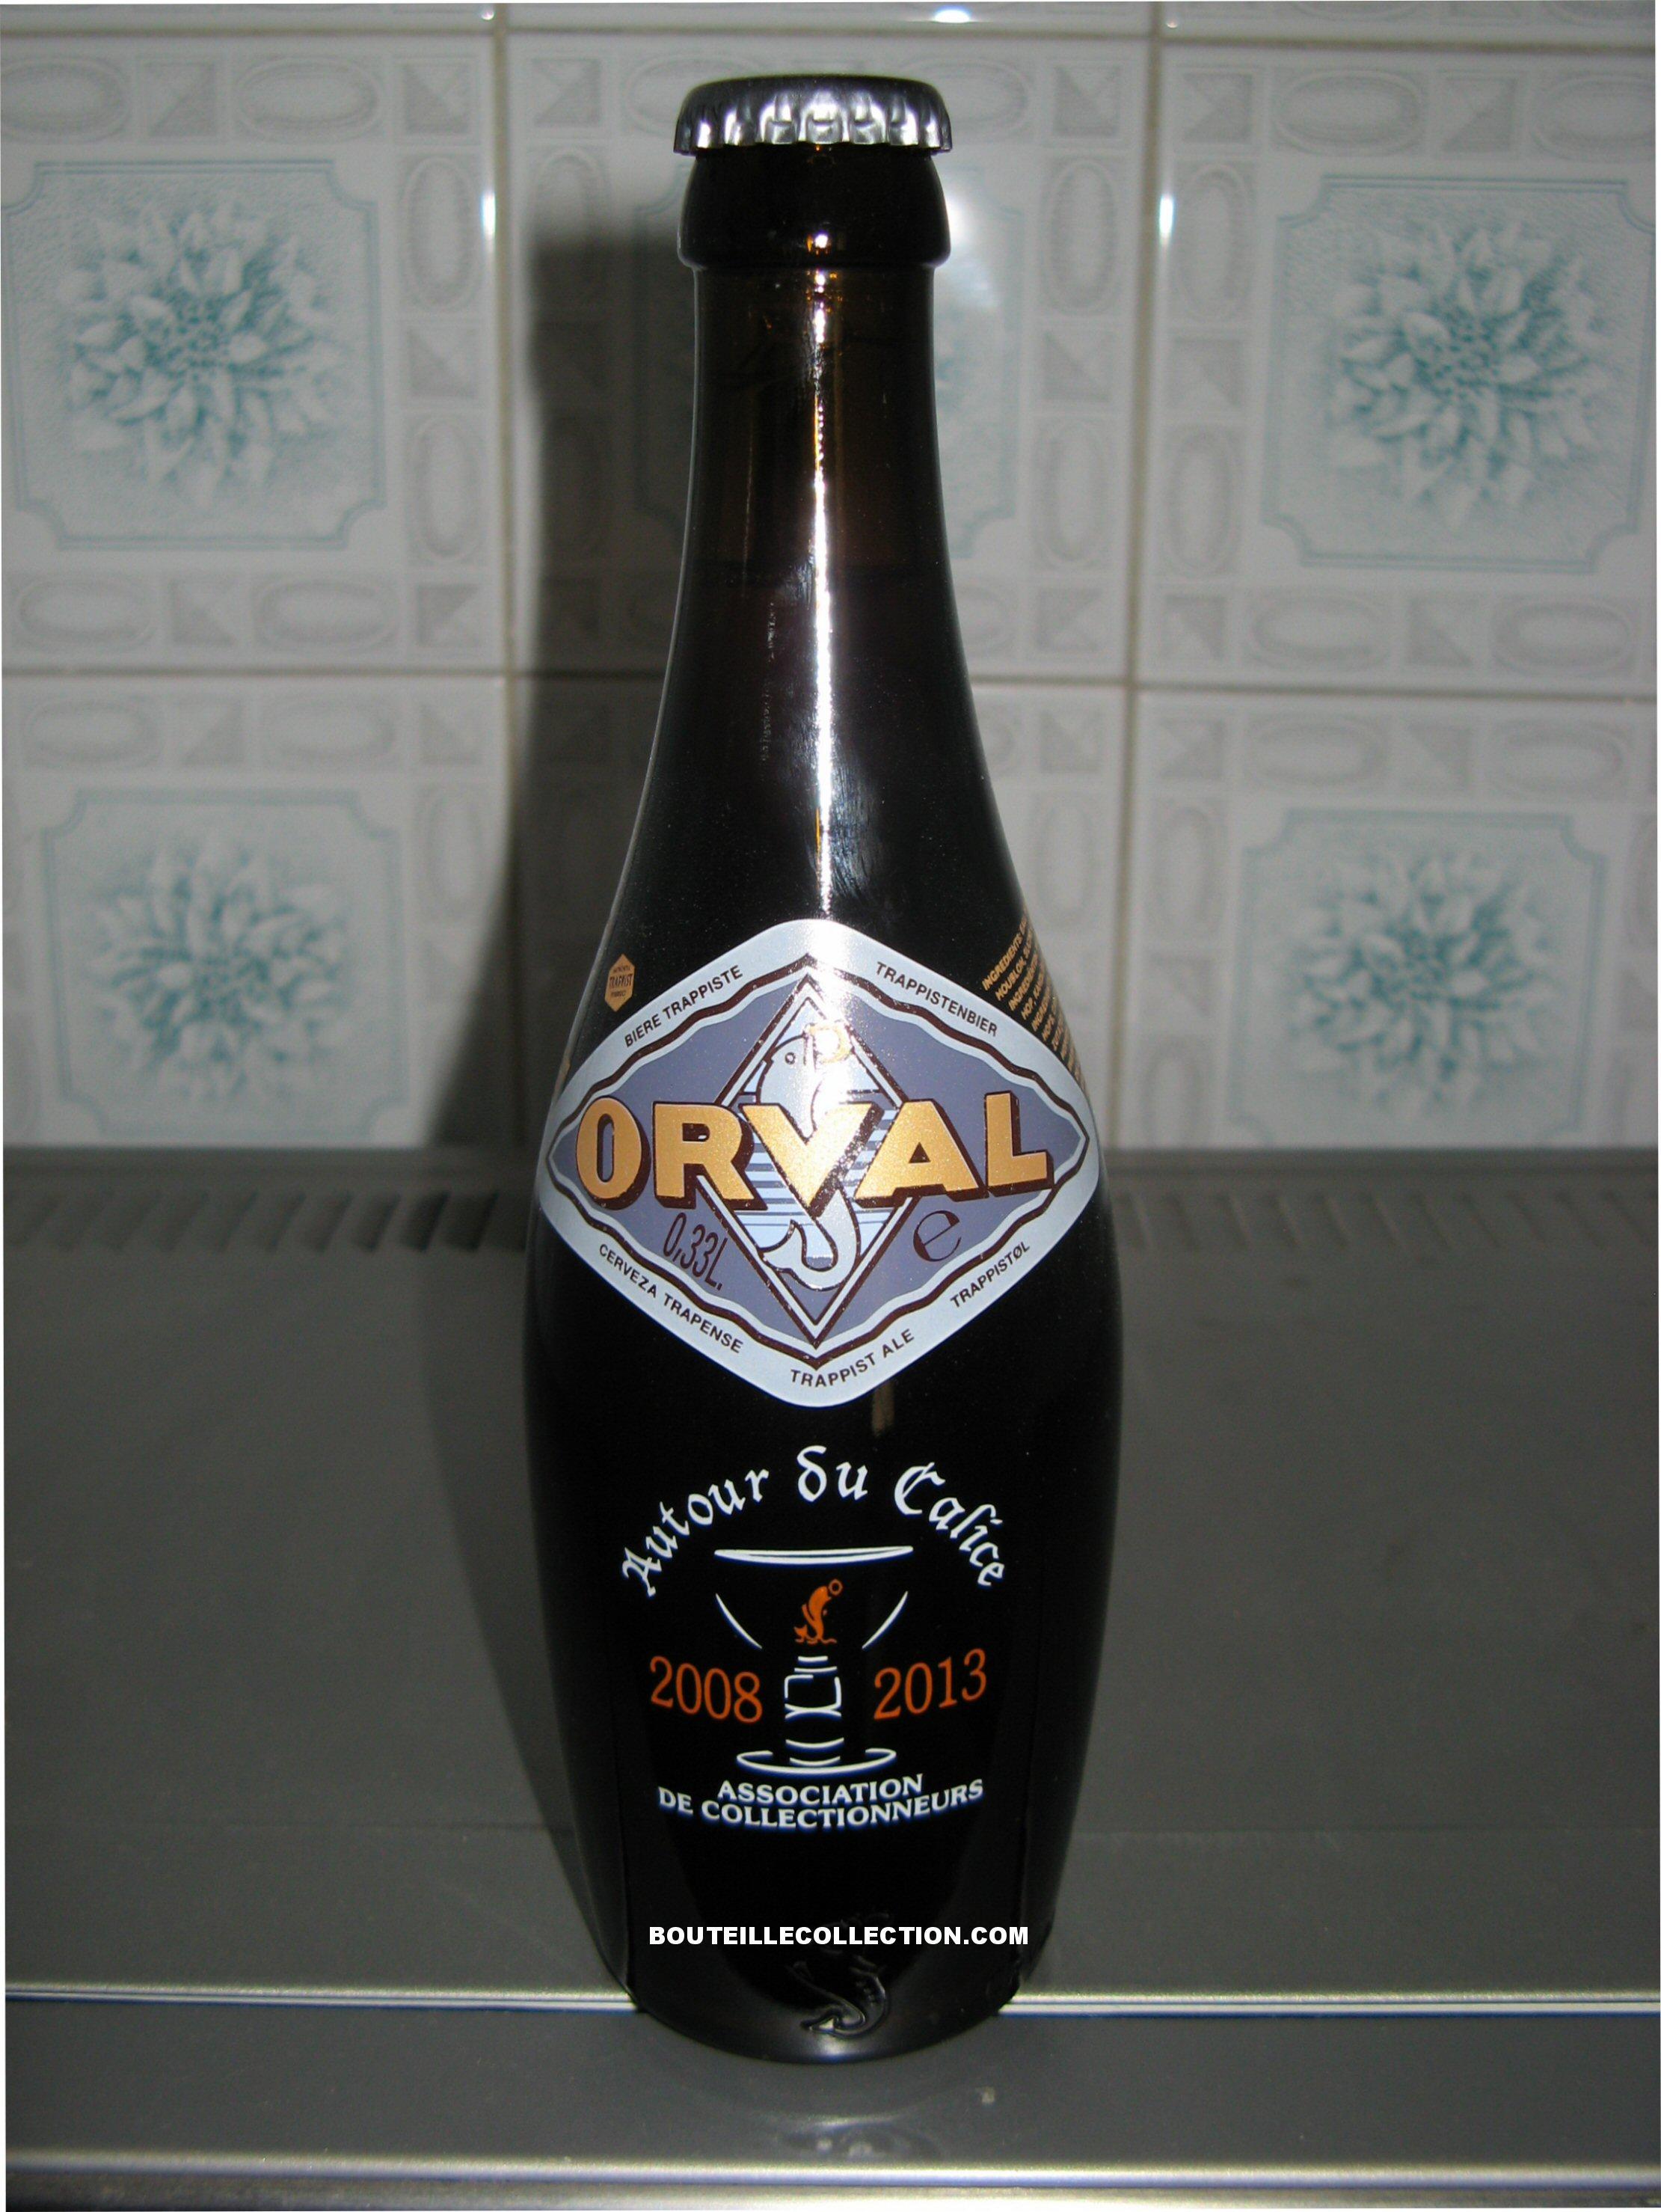 ORVAL 2008 2013 33CL AB .JPG